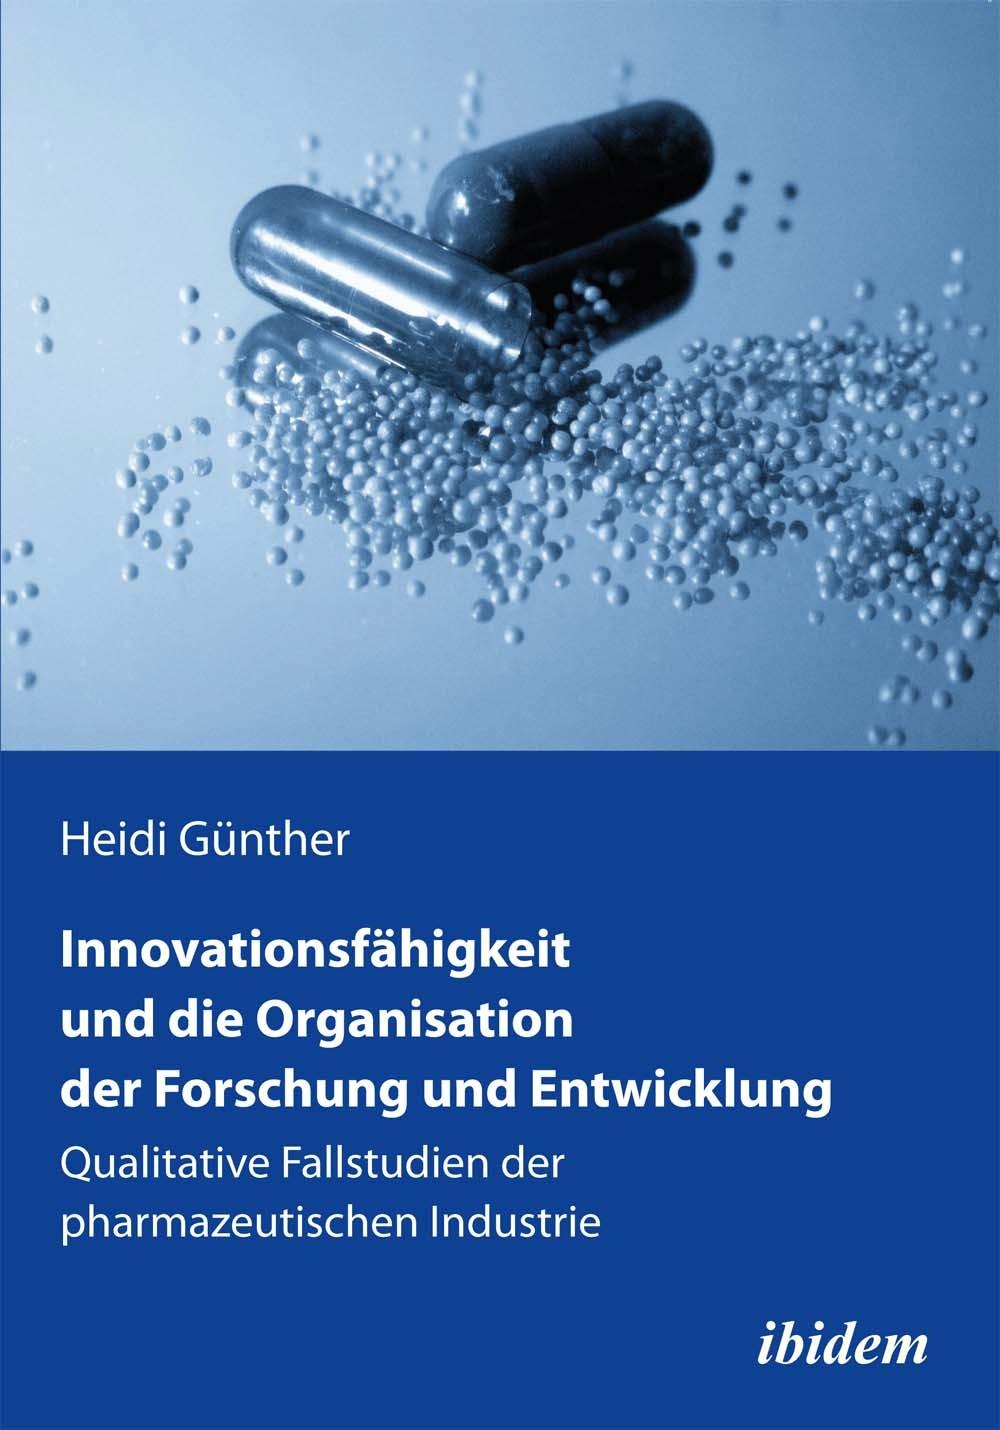 Innovationsfähigkeit und die Organisation der Forschung und Entwicklung